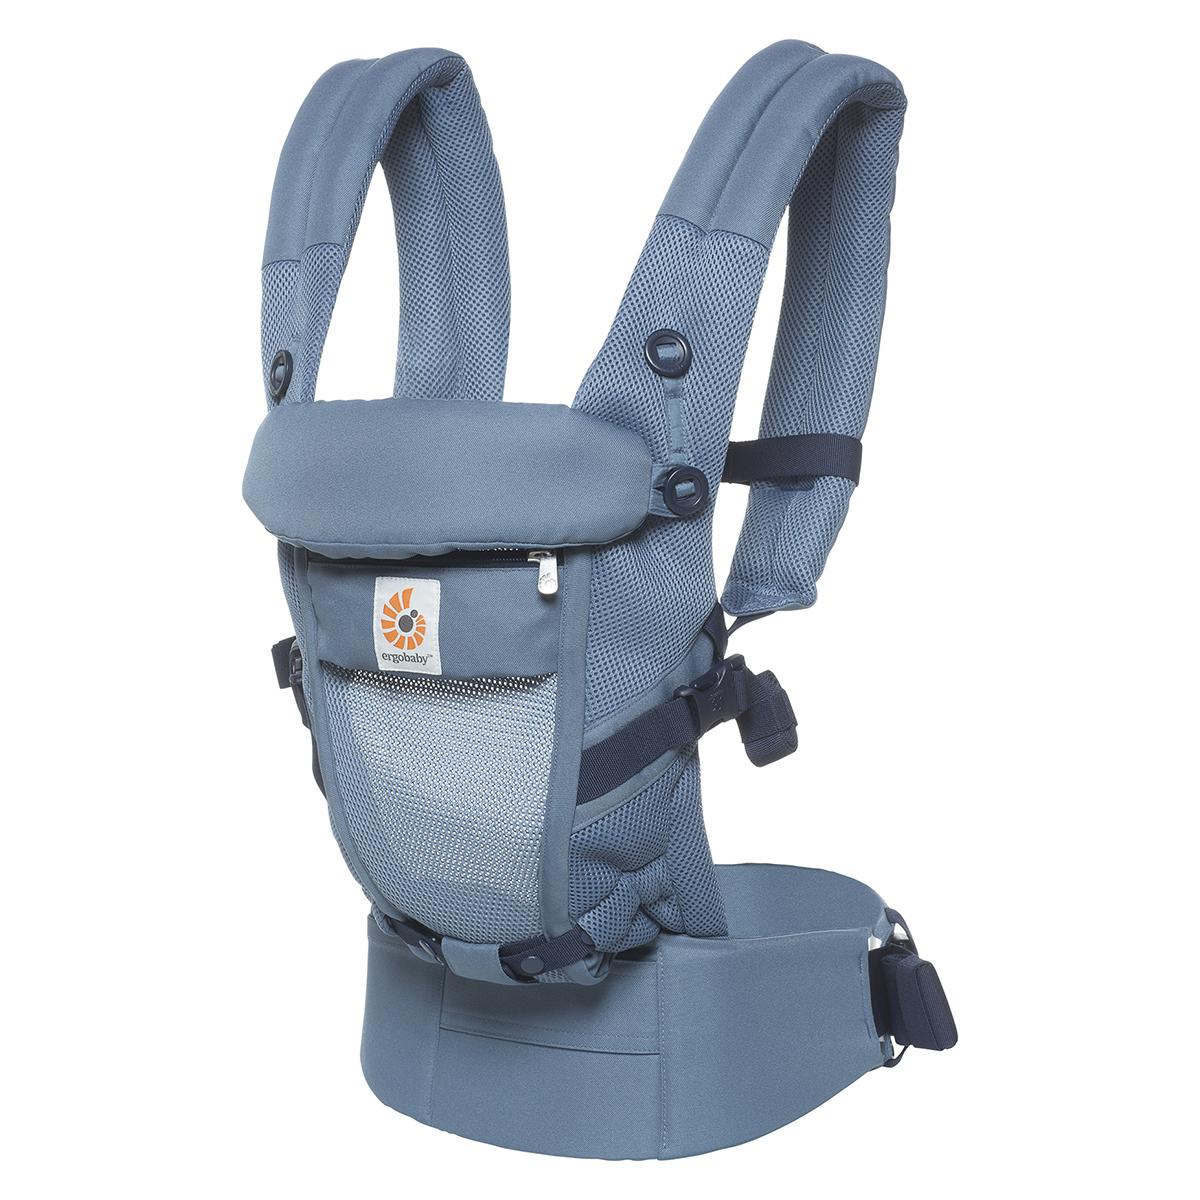 Porte bébé Porte-bébé Adapt Mesh - Bleu Gris Porte-bébé Adapt Mesh - Bleu Gris